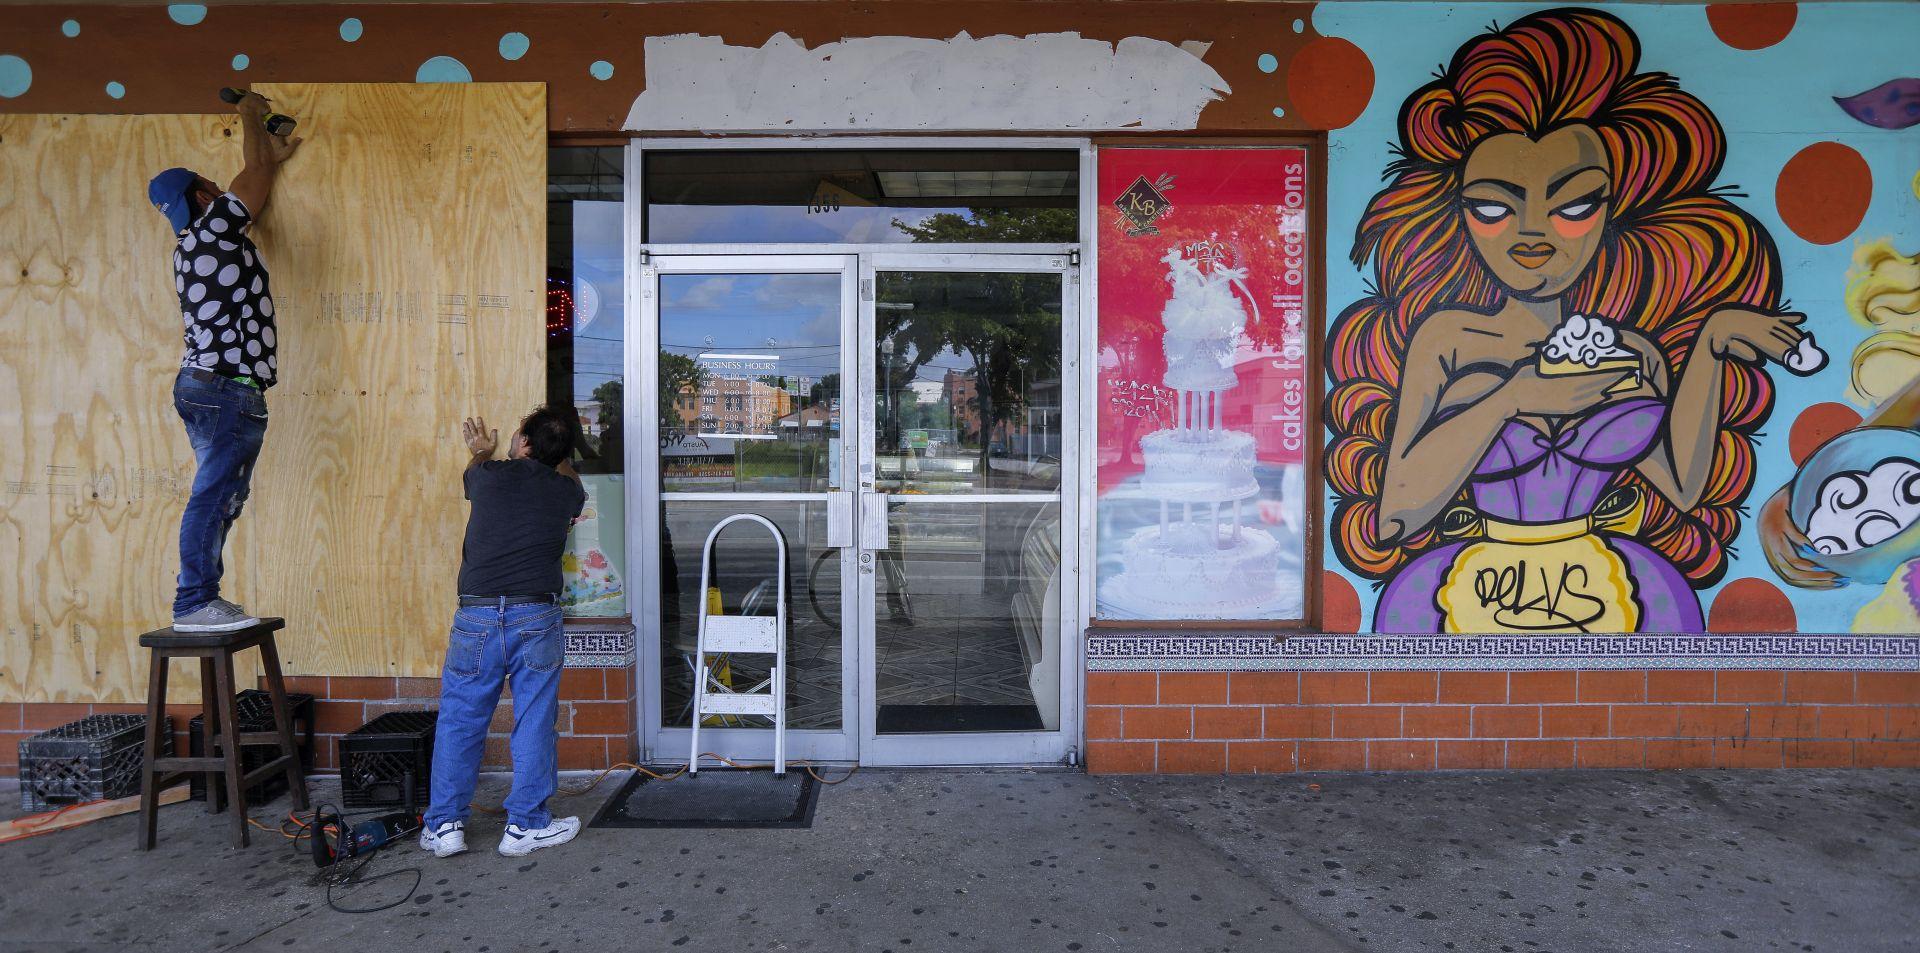 Florida čeka uragan Irmu, Jose prijeti Antilima, Katia pogodila Meksiko